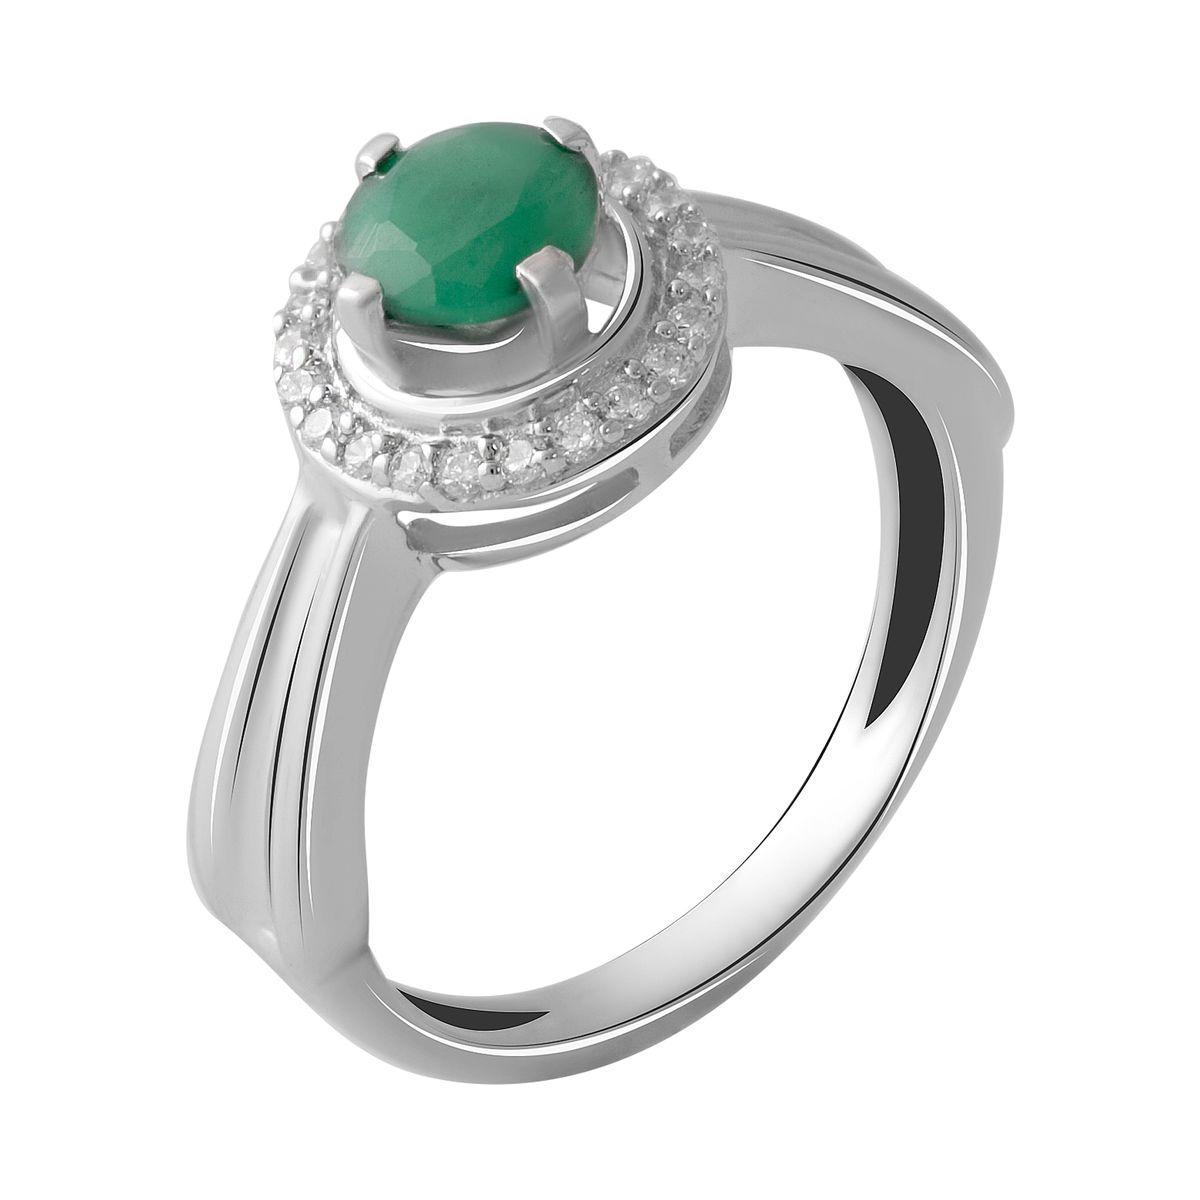 Серебряное кольцо DreamJewelry с натуральным изумрудом 0.74ct (2051374) 17 размер